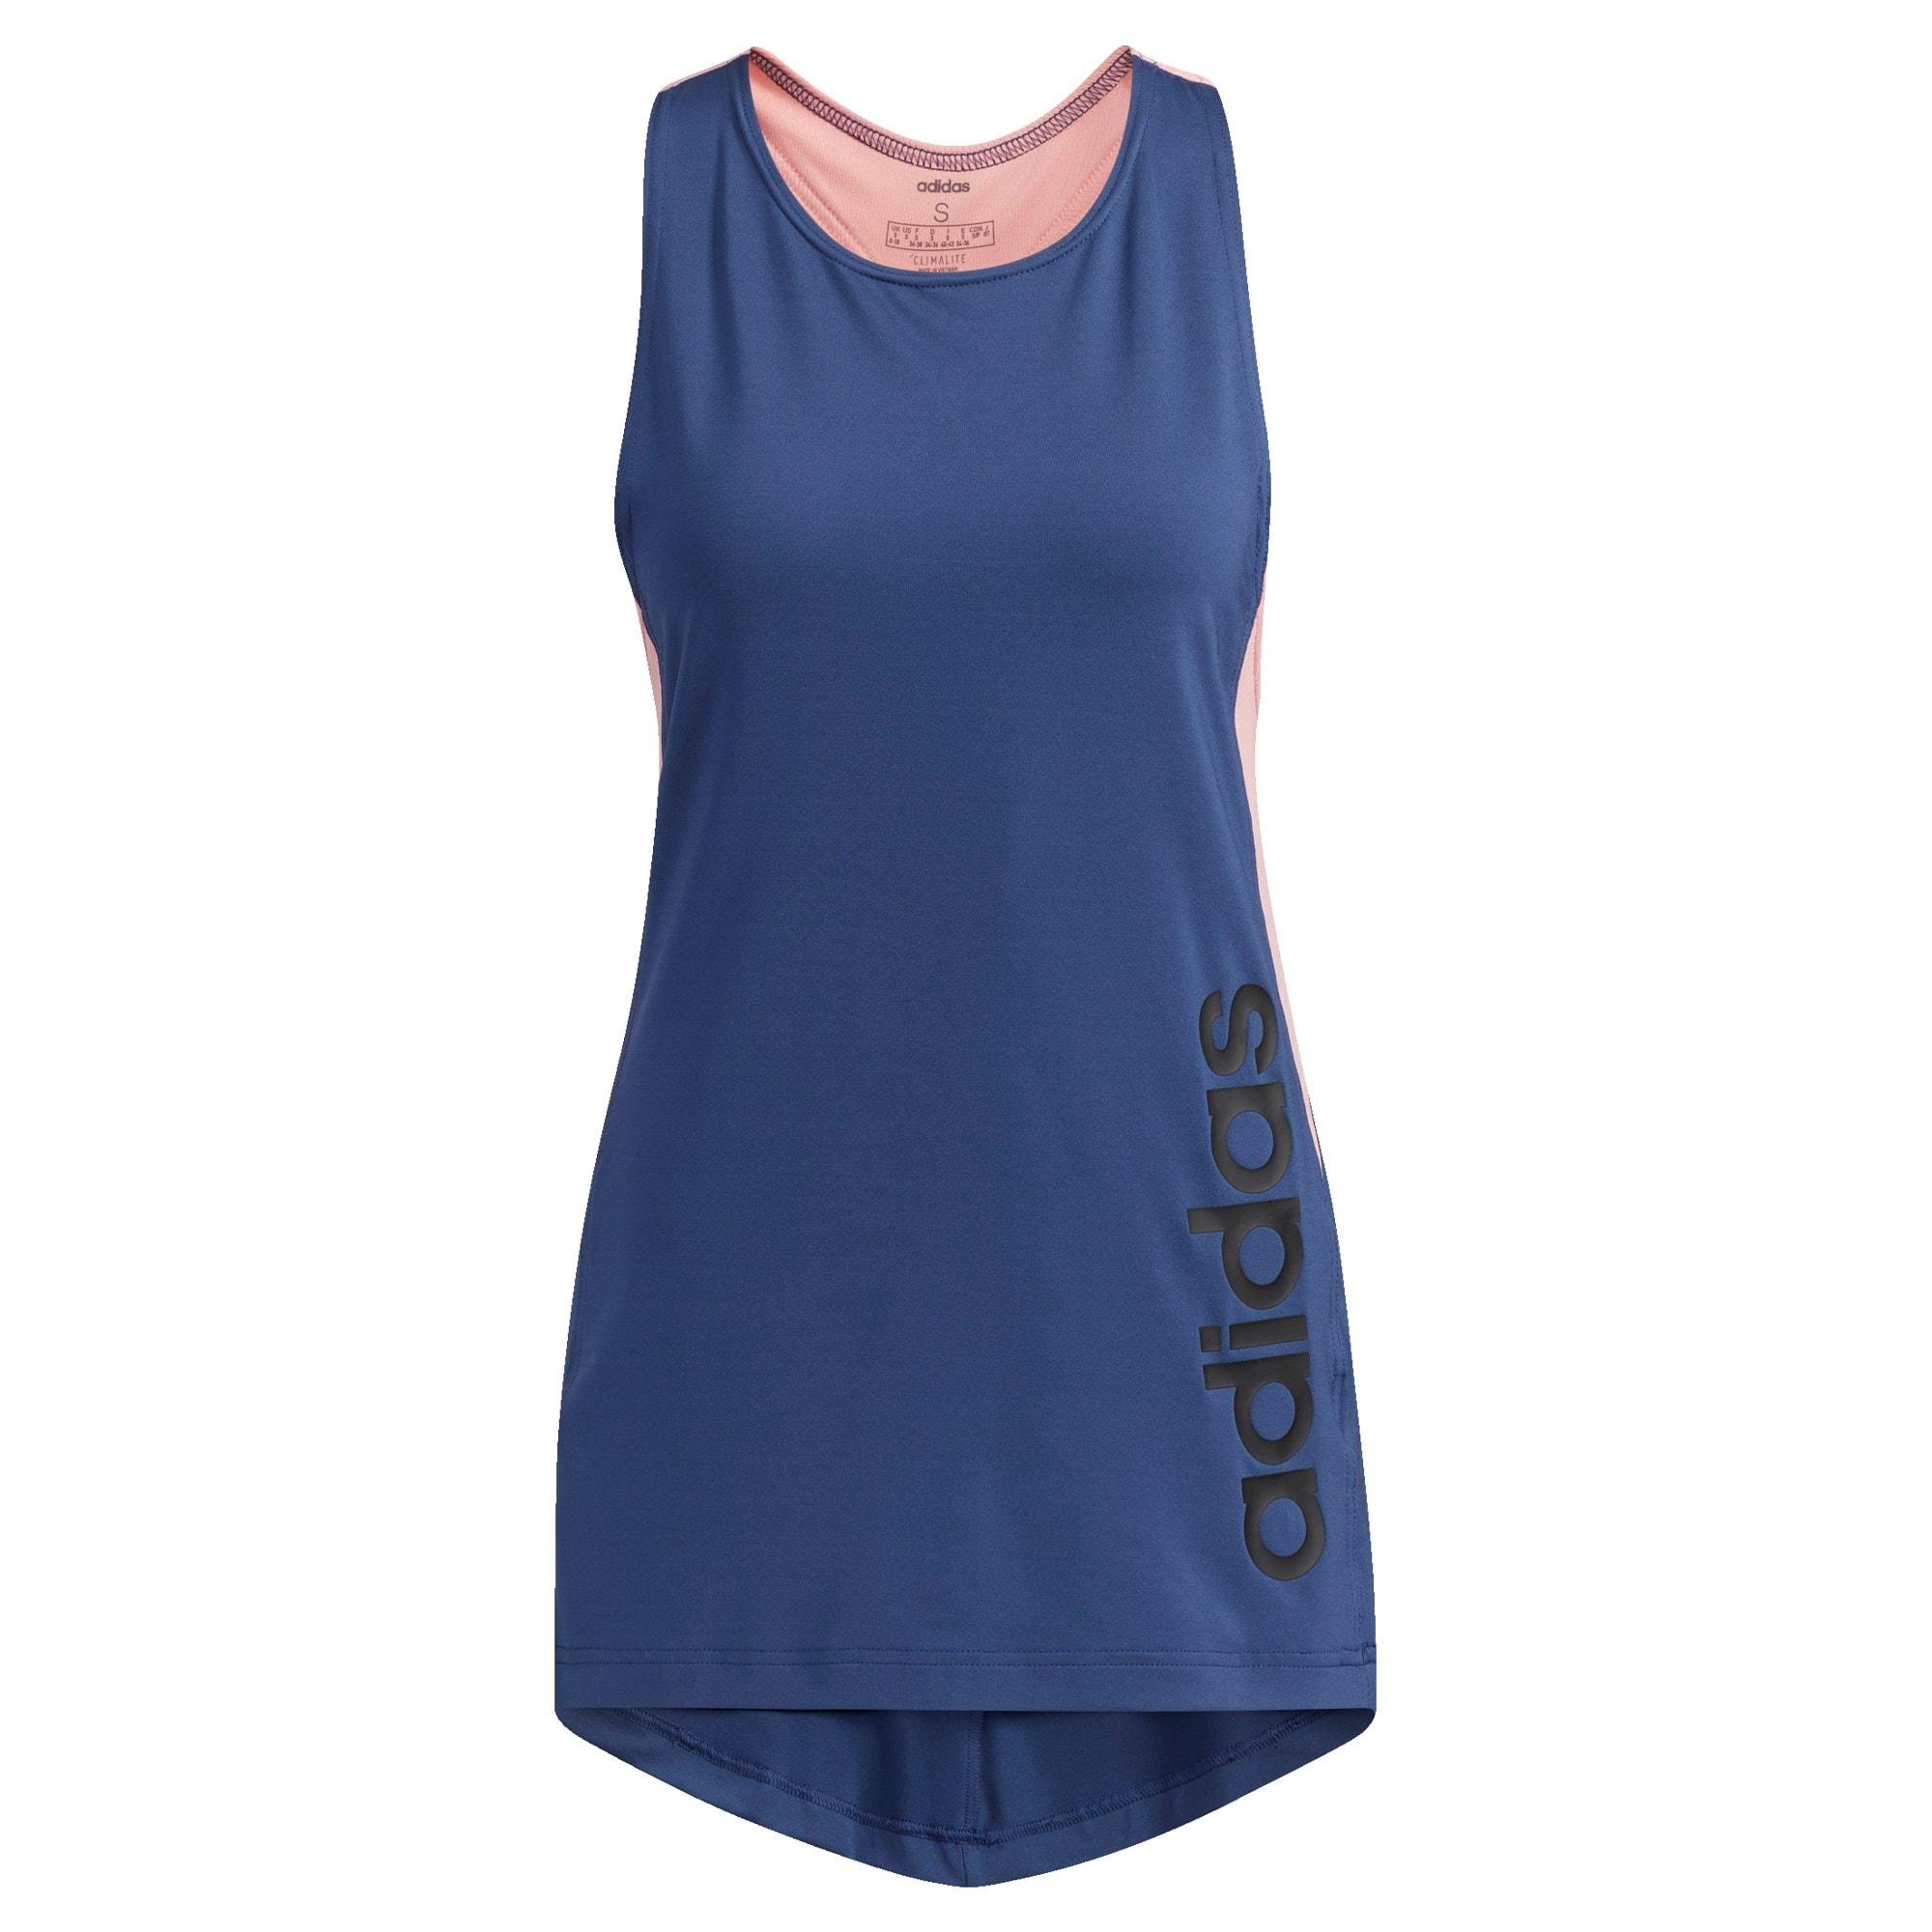 ADIDAS PERFORMANCE Športový top  námornícka modrá / čierna / ružová